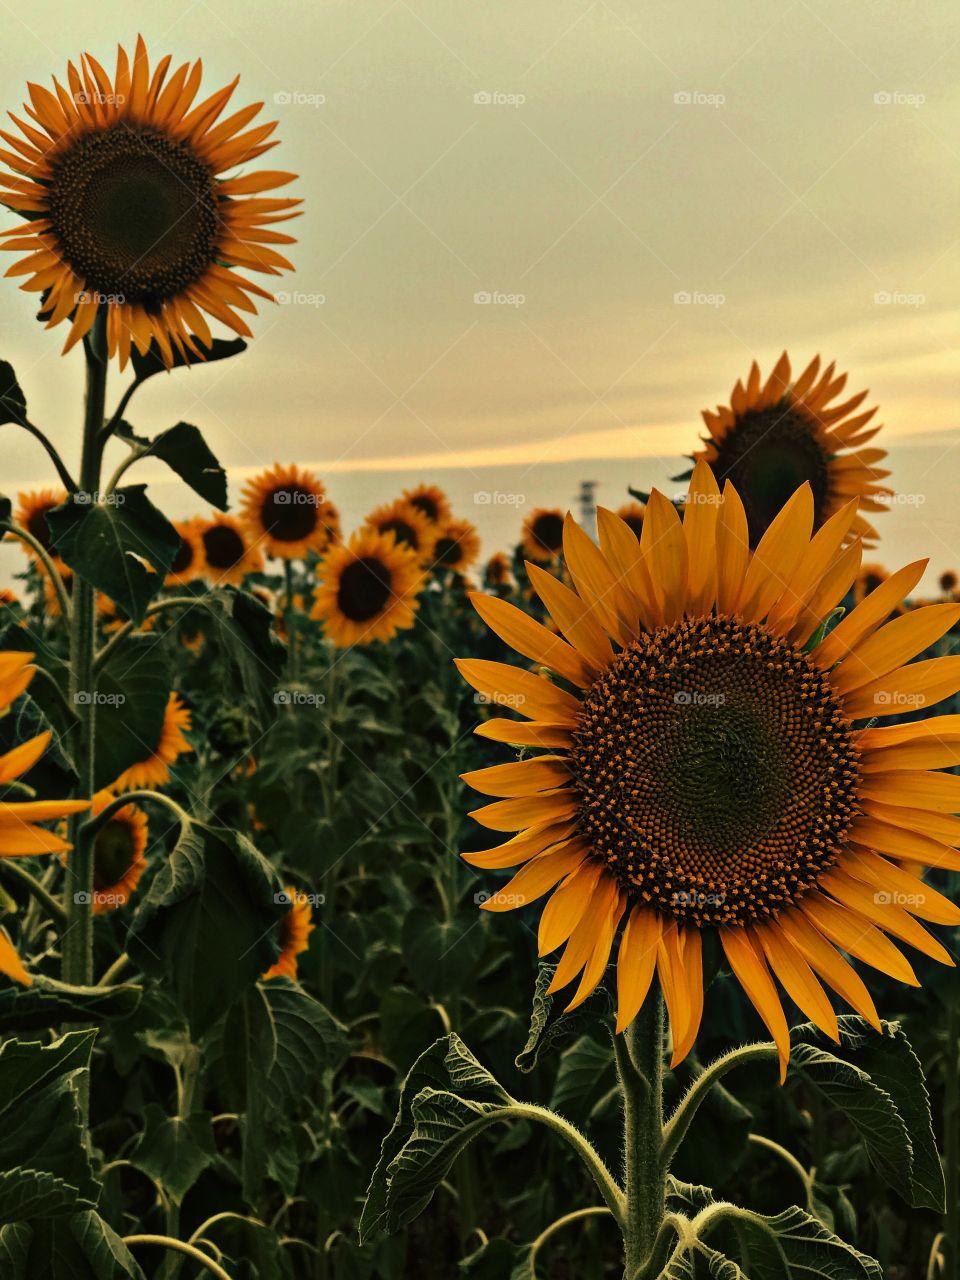 Sunflowers ..